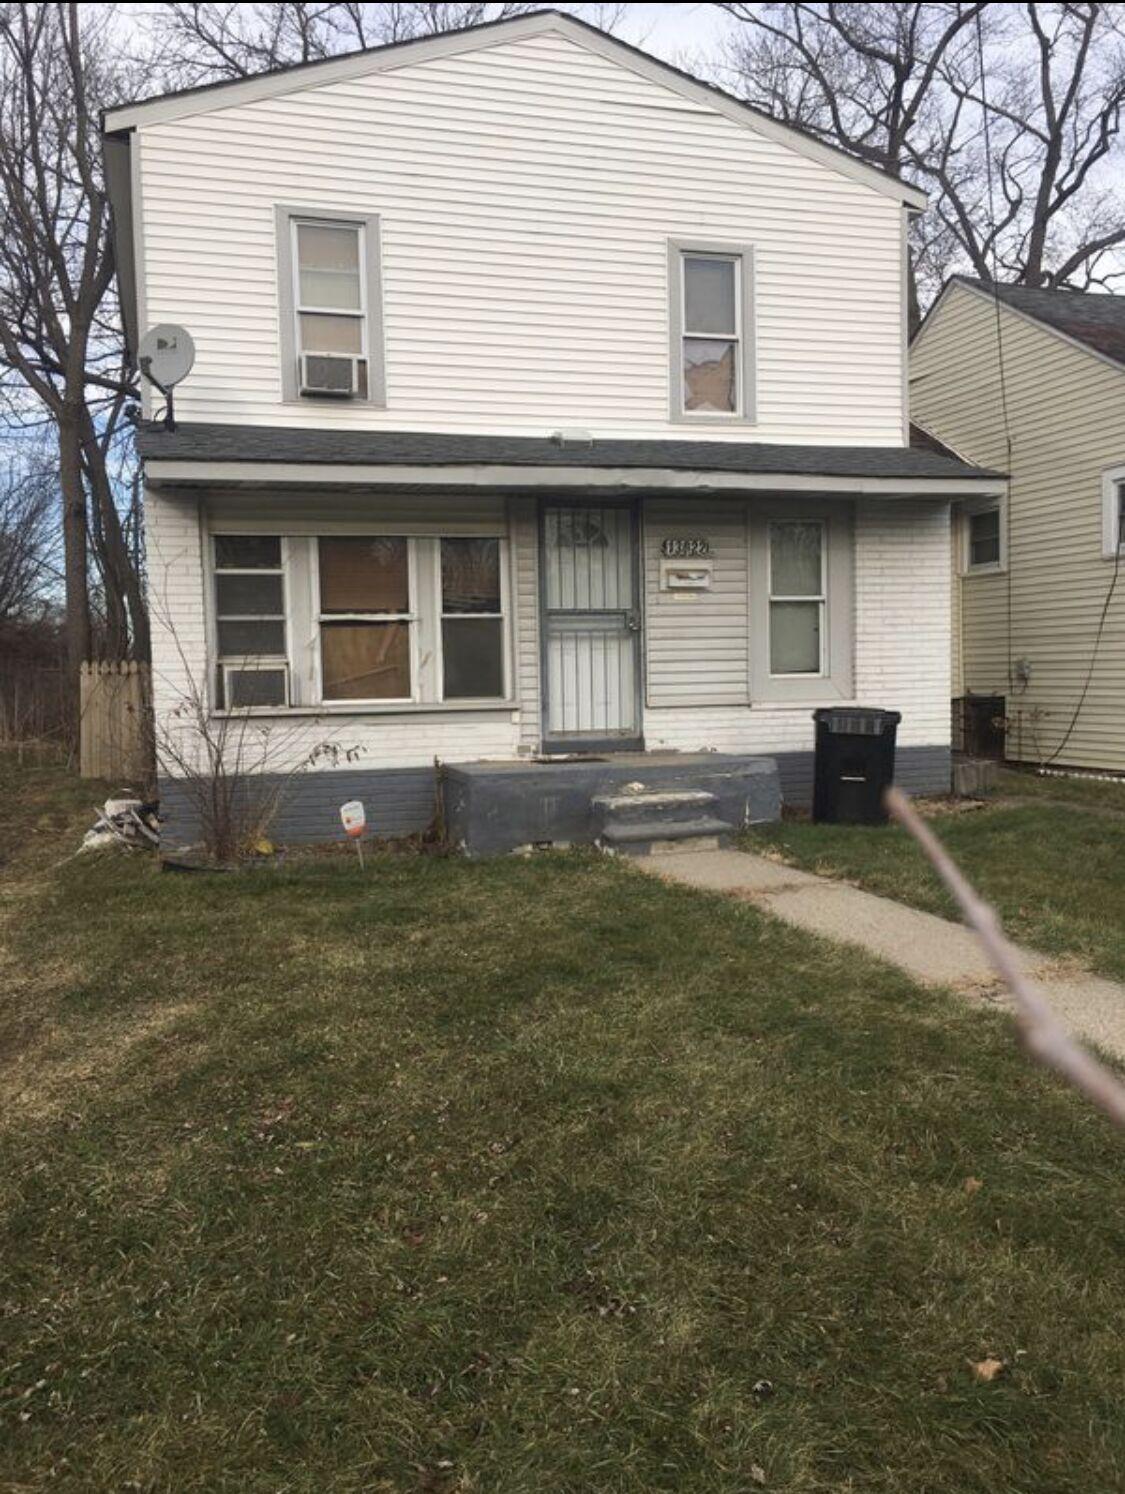 13022 Foley St, Detroit, MI